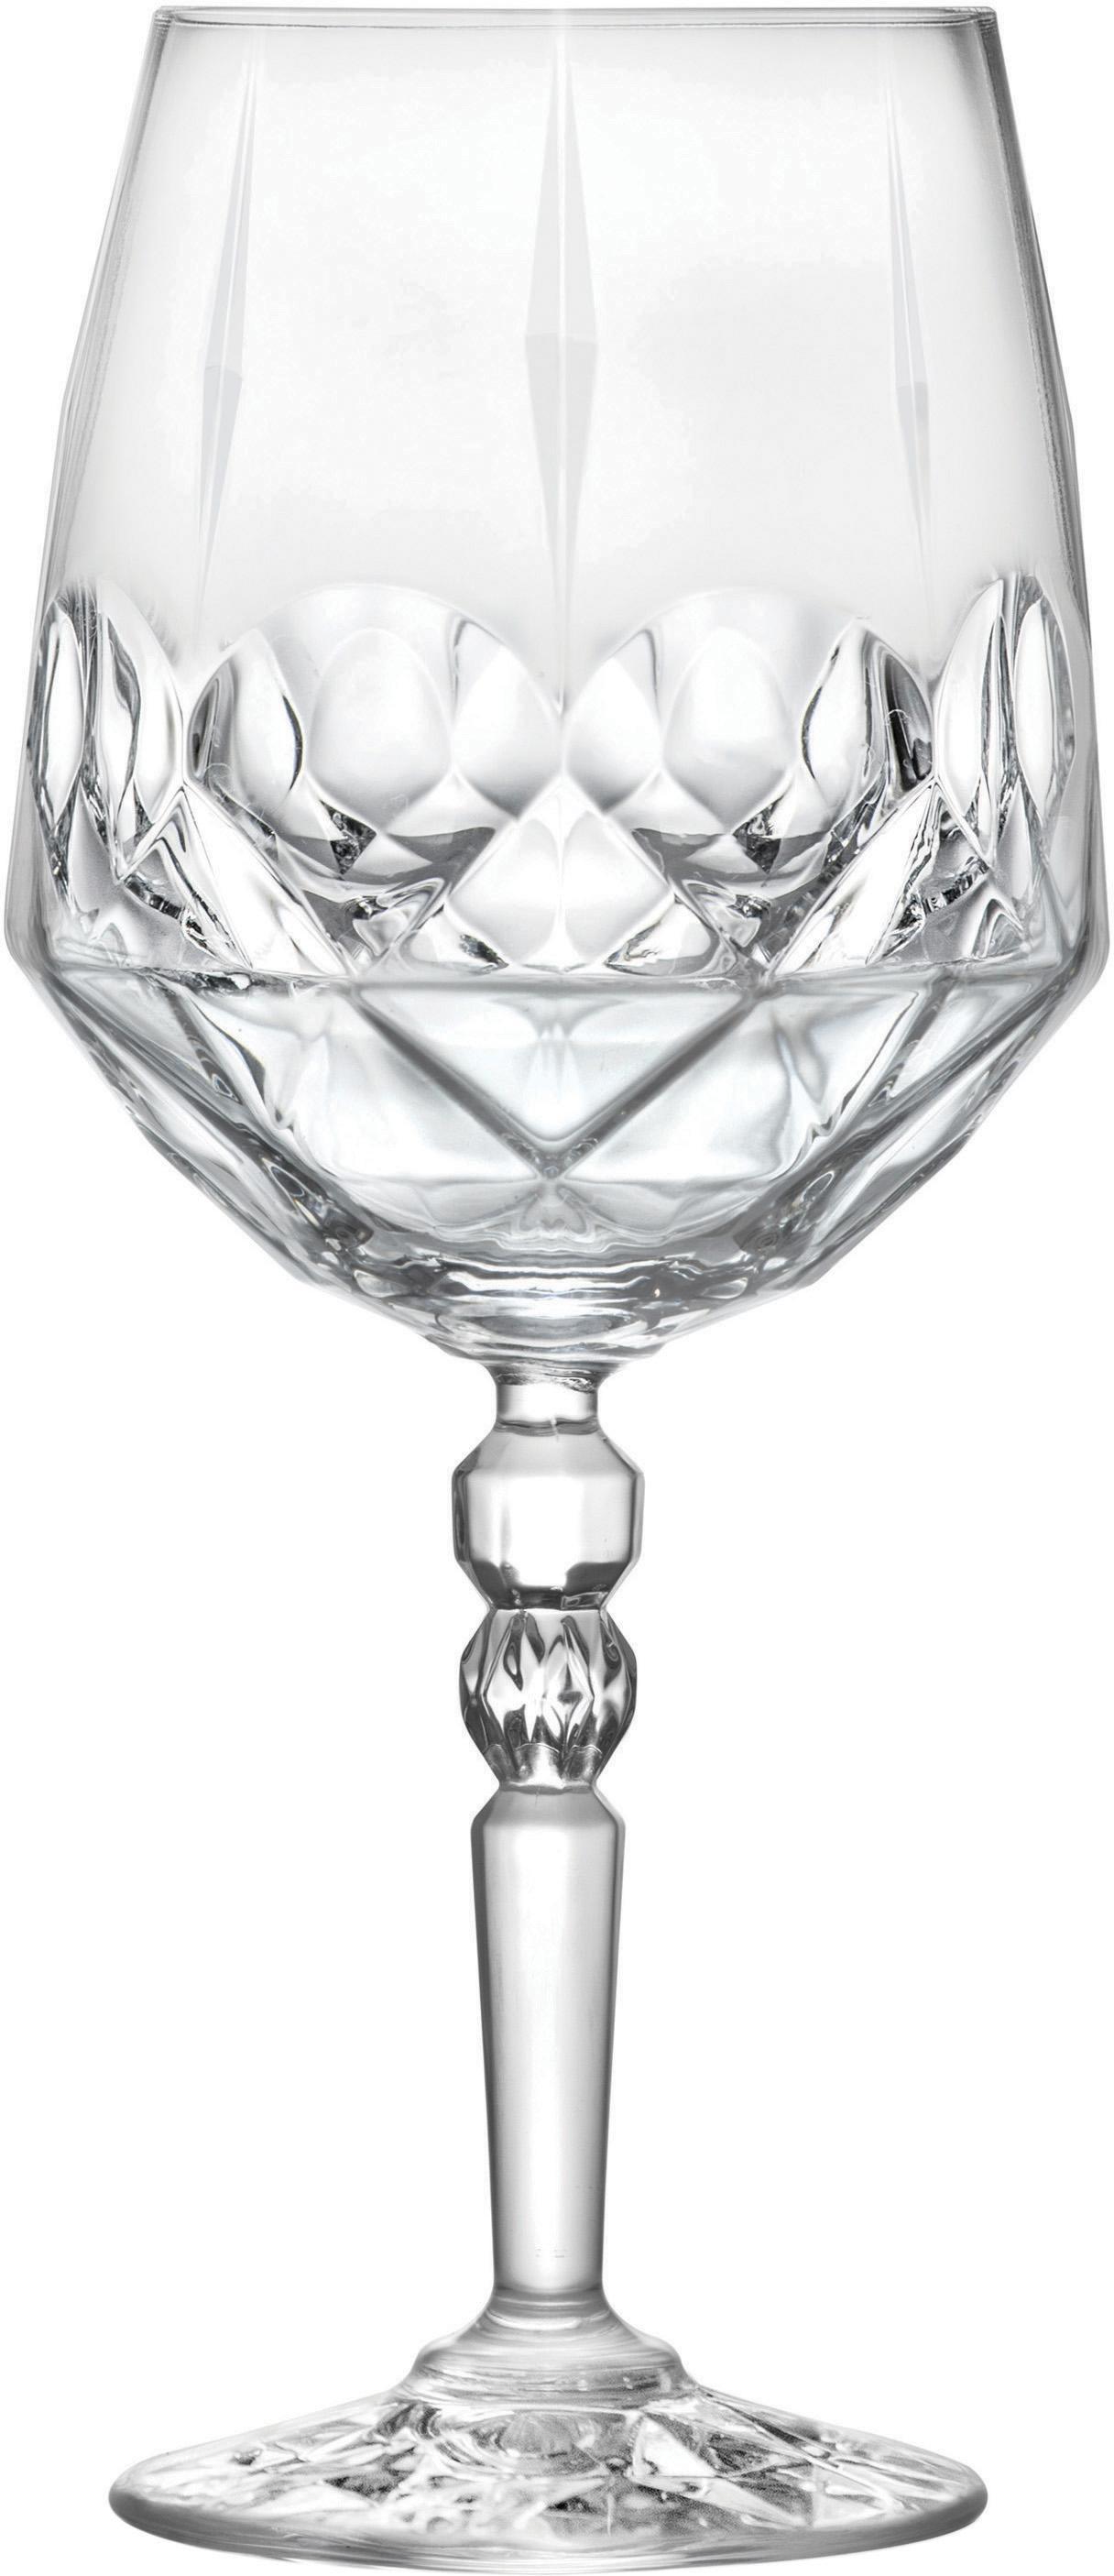 Bicchiere da vino bianco in cristallo Calicia 6 pz, Cristallo, Trasparente, Ø 10 x Alt. 23 cm